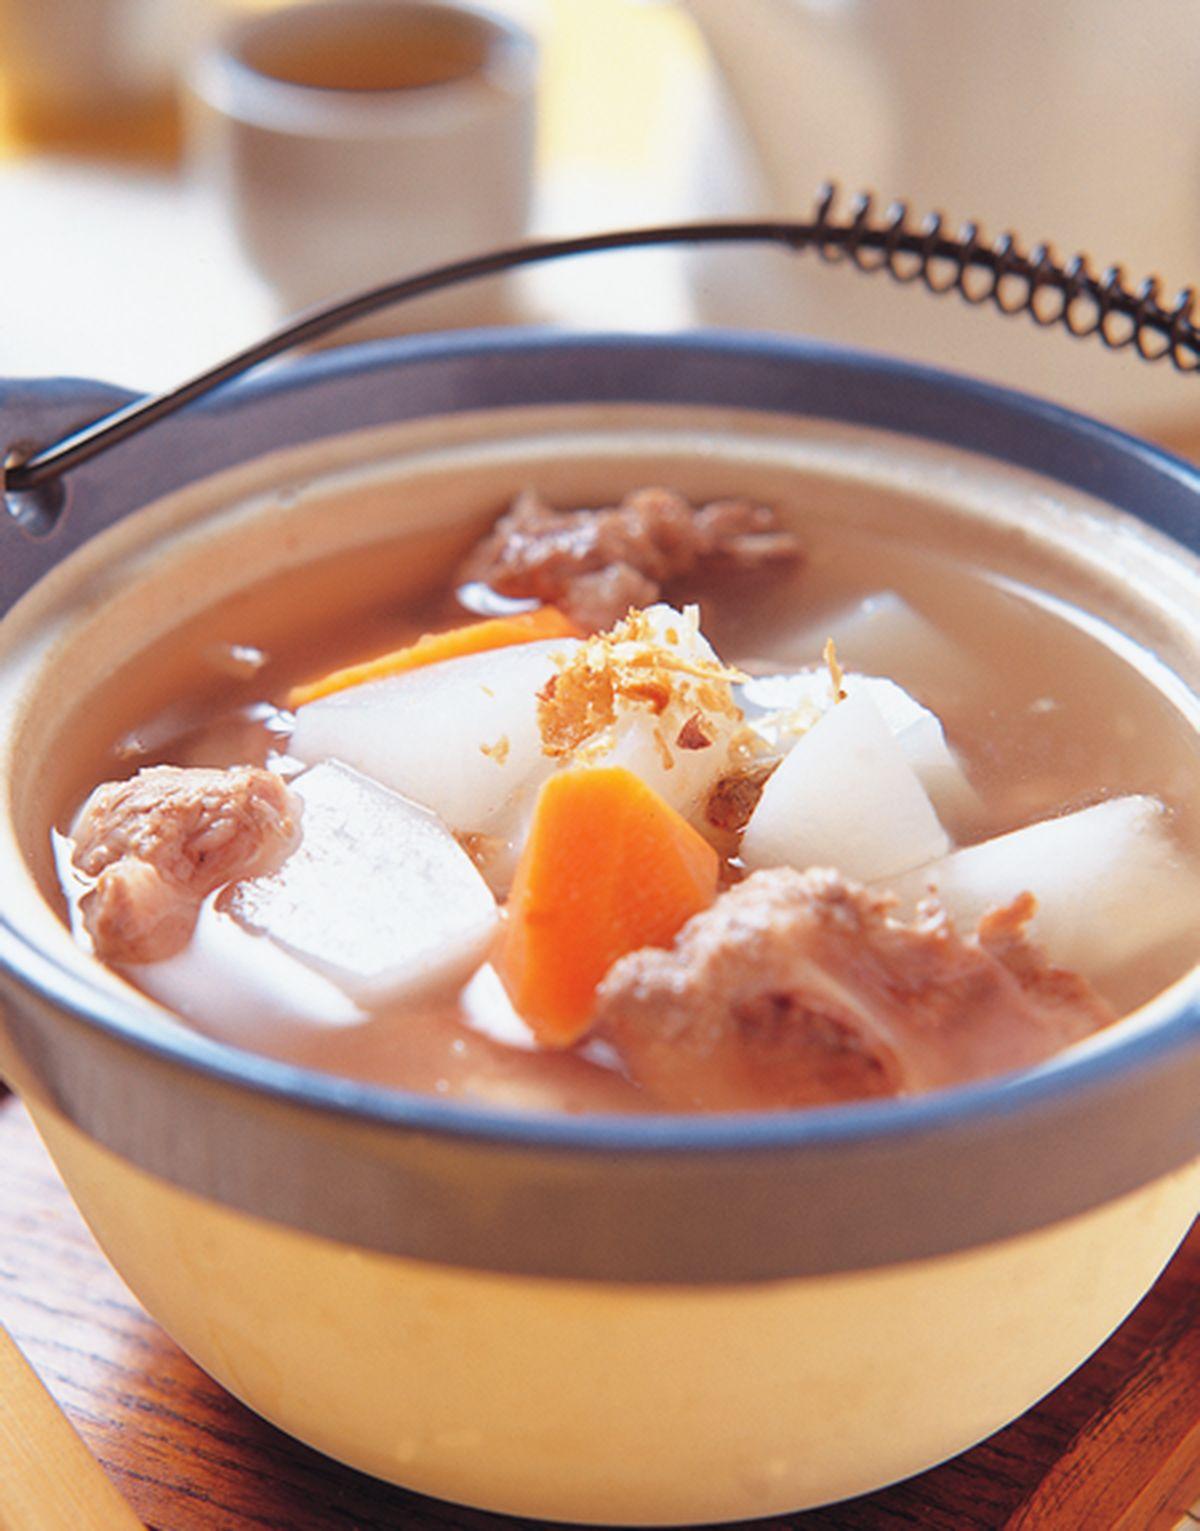 食譜:蘿蔔排骨湯